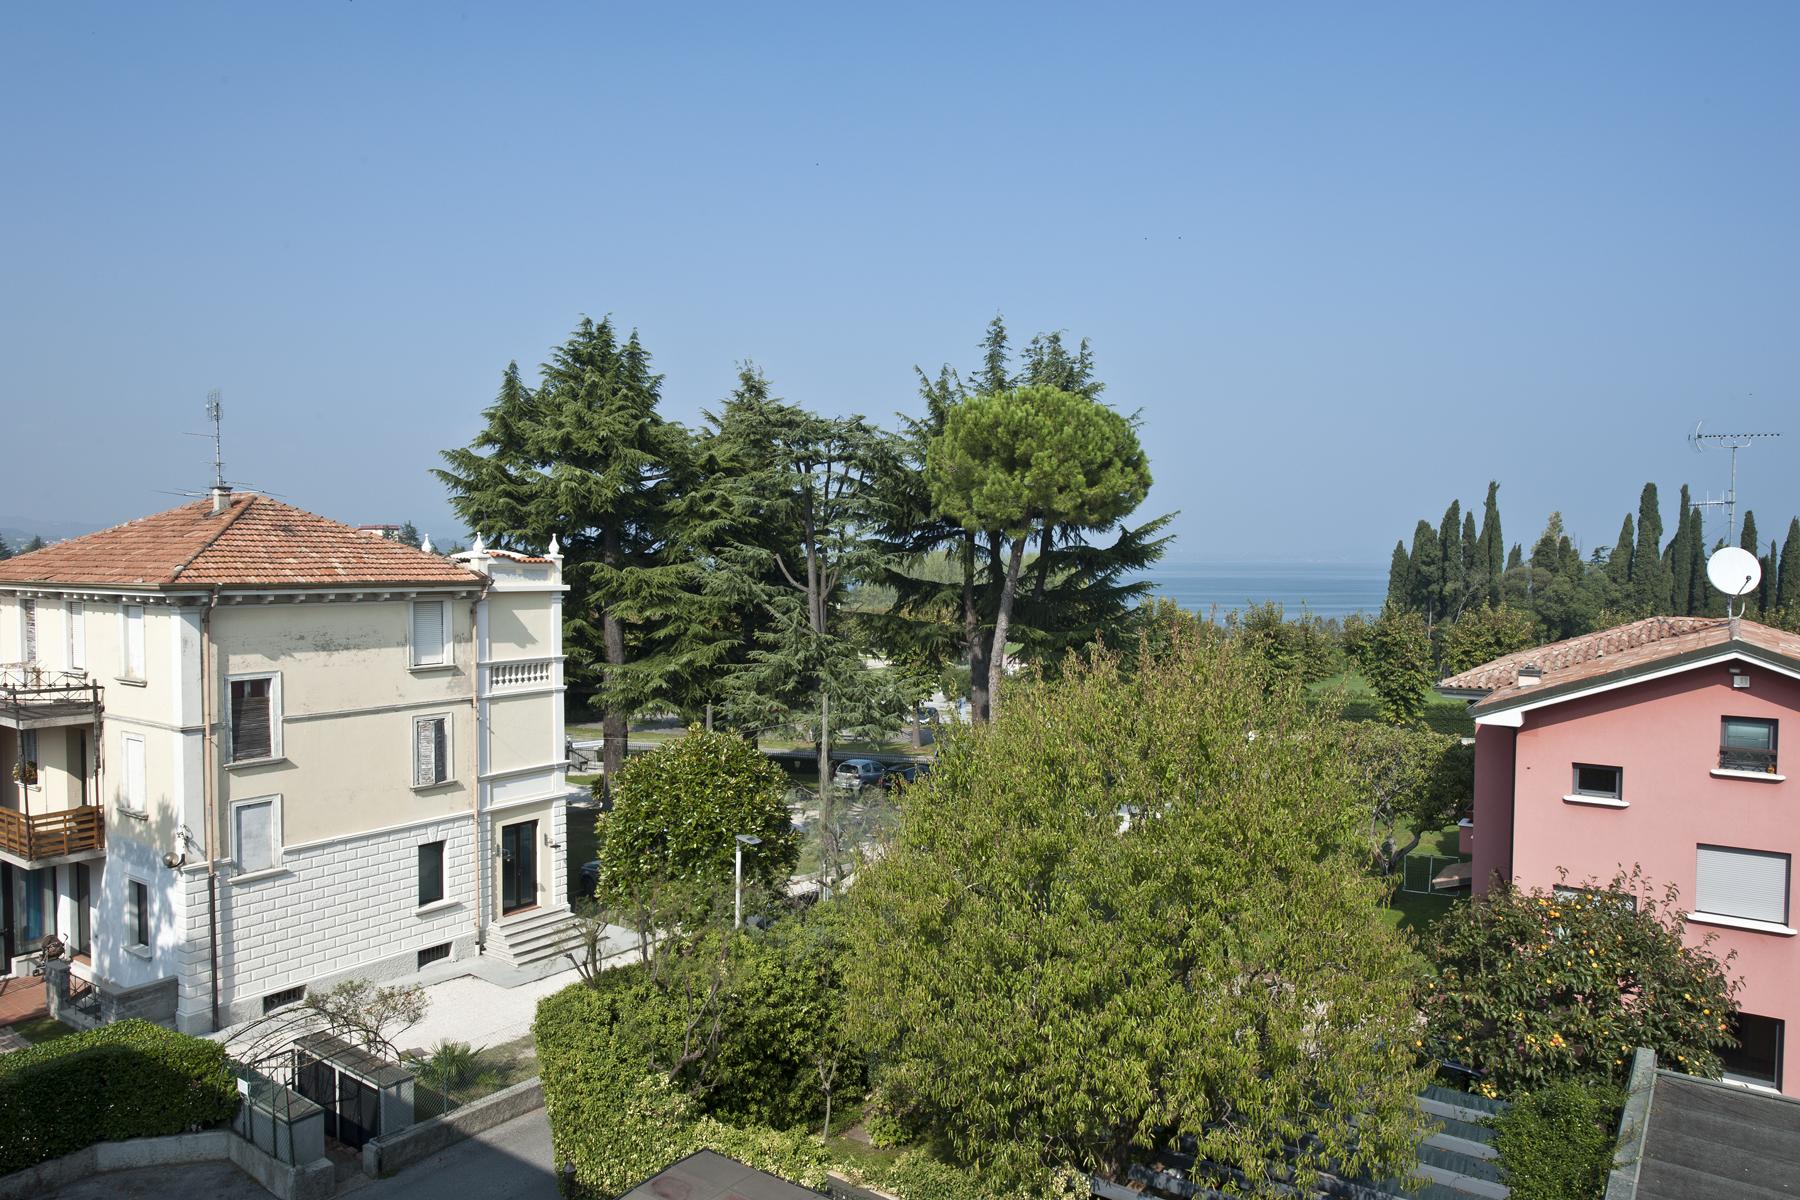 Attico in Vendita a Desenzano Del Garda: 5 locali, 122 mq - Foto 3